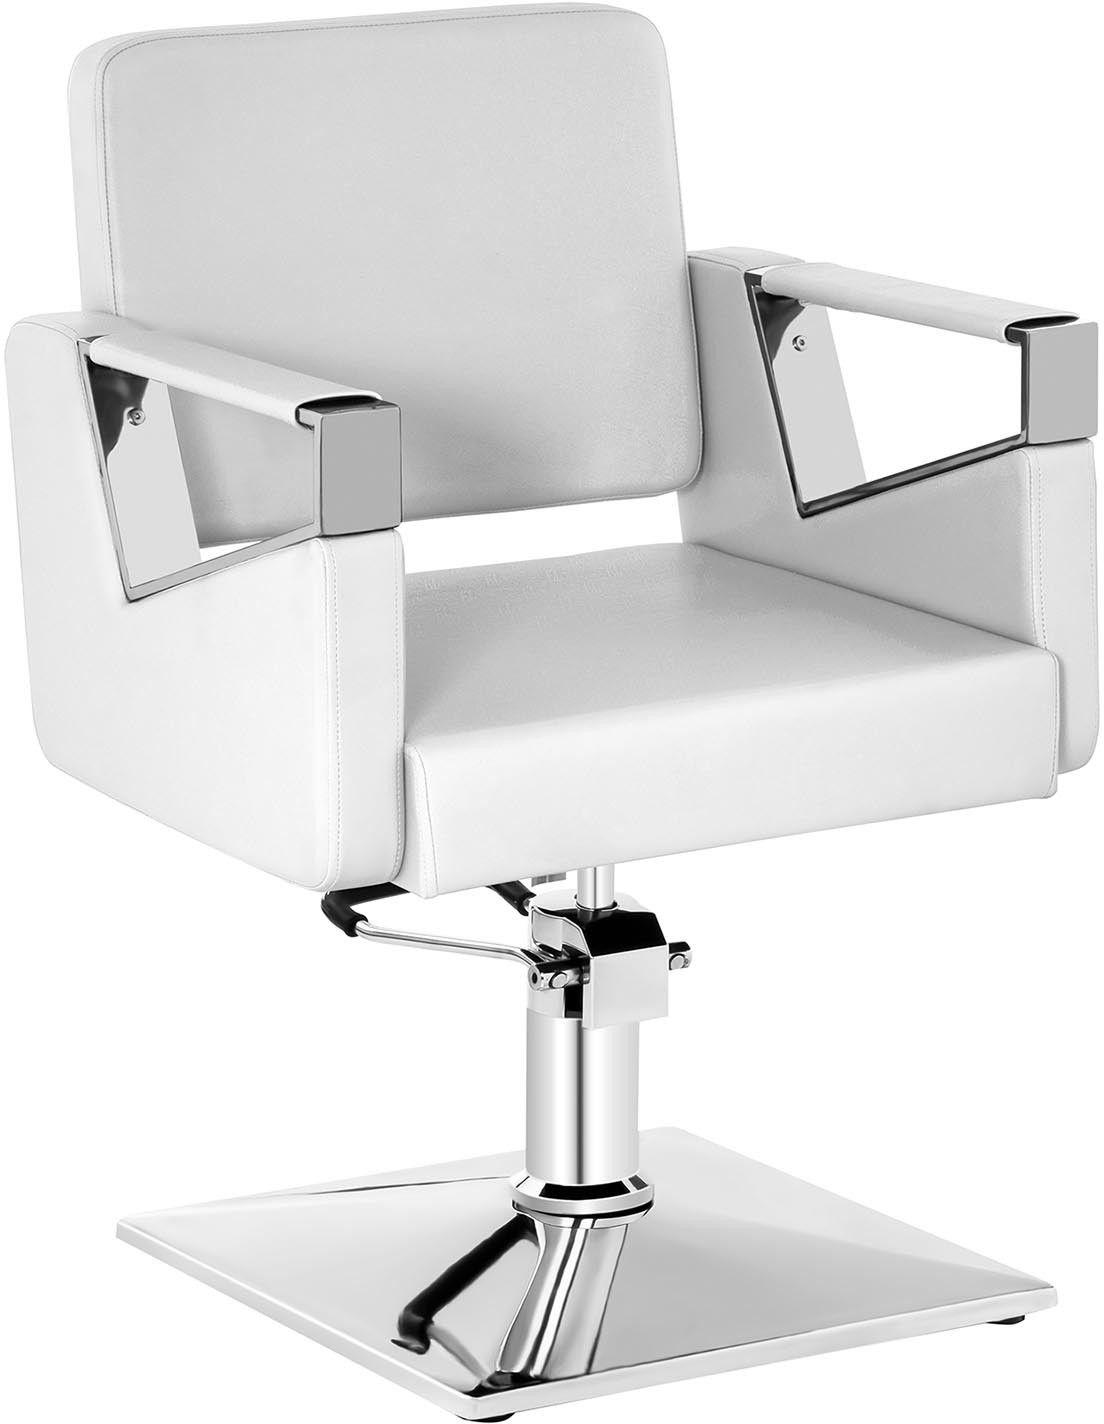 Komplet Fotel fryzjerski Physa Bristol biały + Podnóżek ze stali nierdzewnej - przykręcany - BRISTOL WHITE SET - 3 LATA GWARANCJI / WYSYŁKA W 24H ZA 0